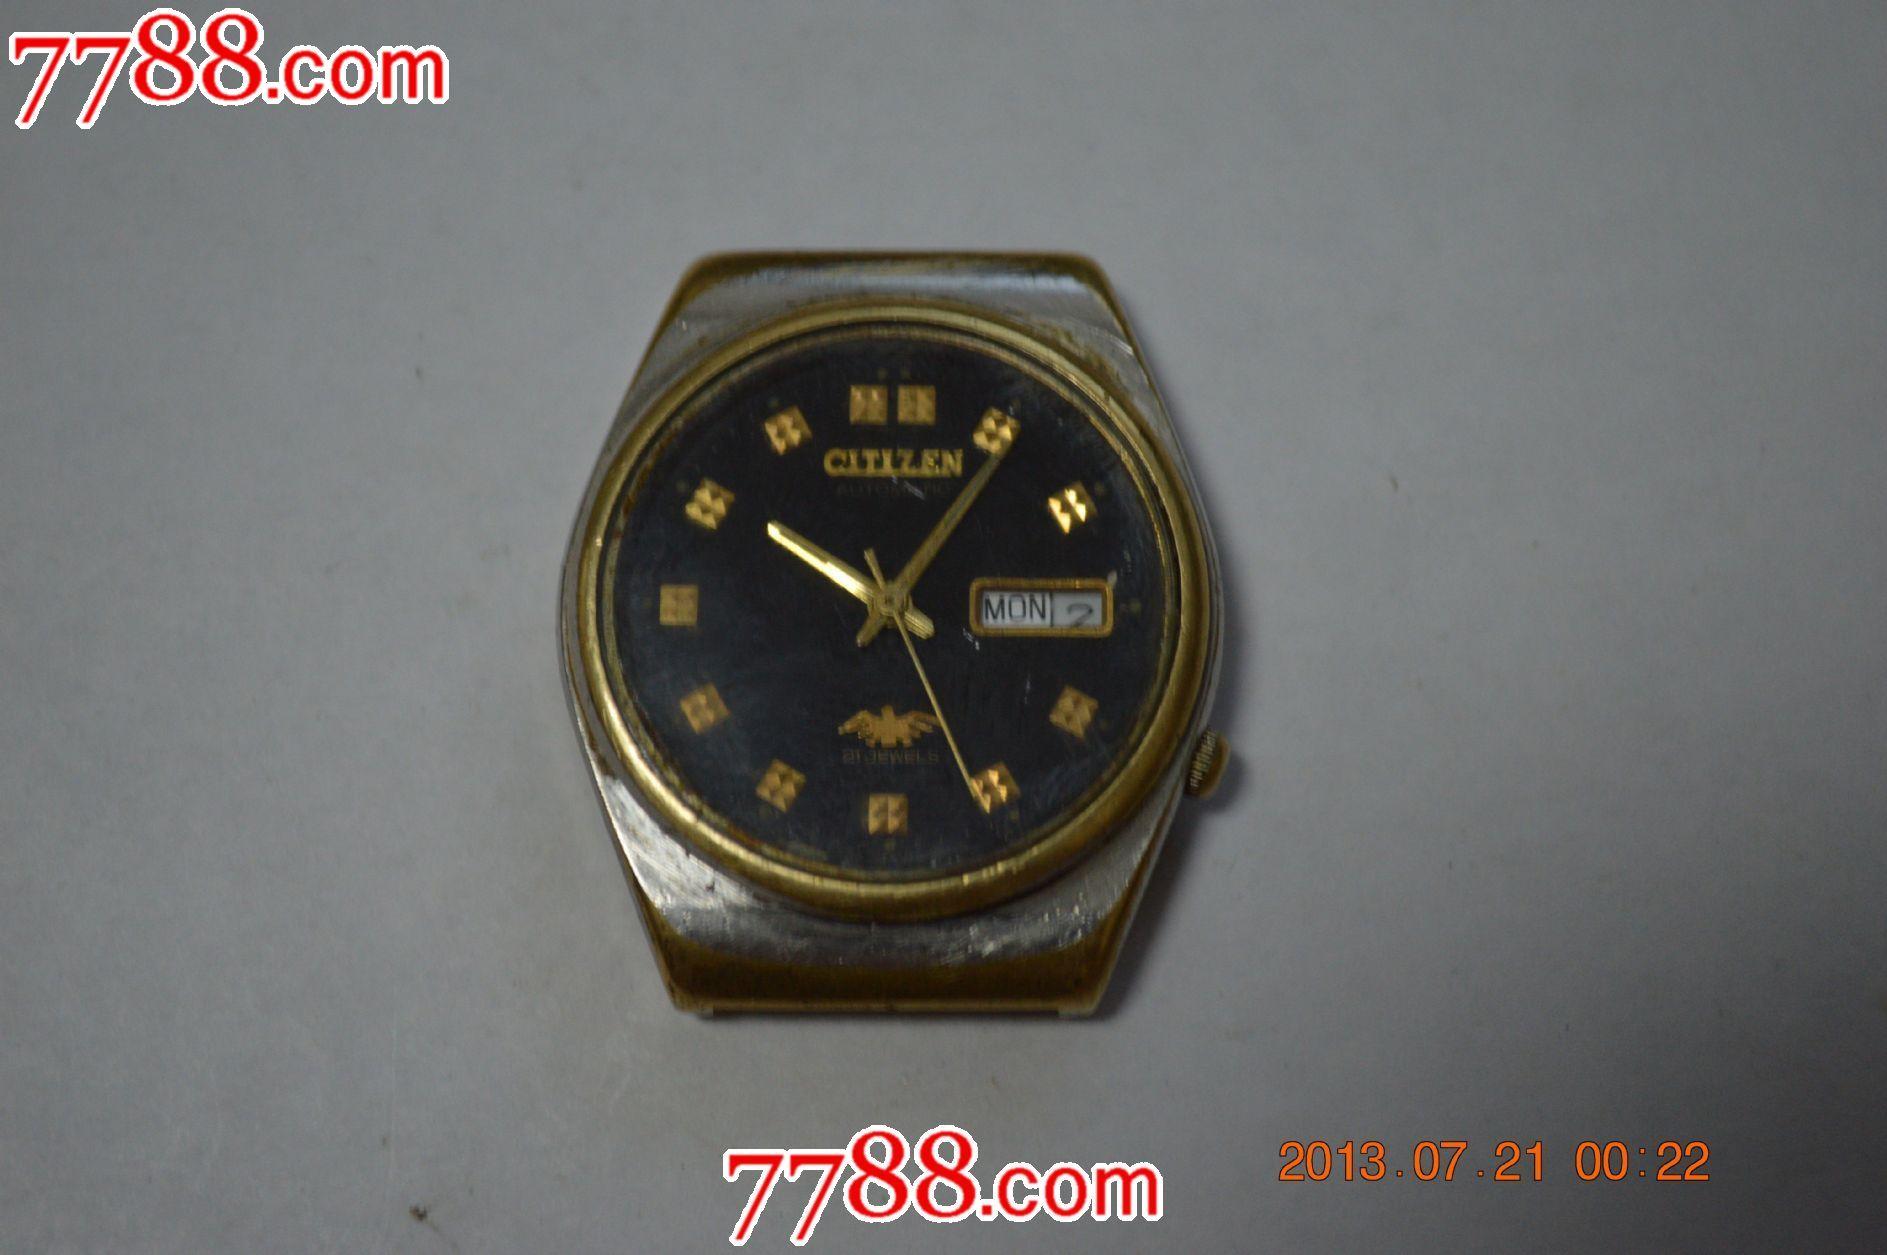 全自动男表西铁城-价格:40元-se18755853-手表/腕表